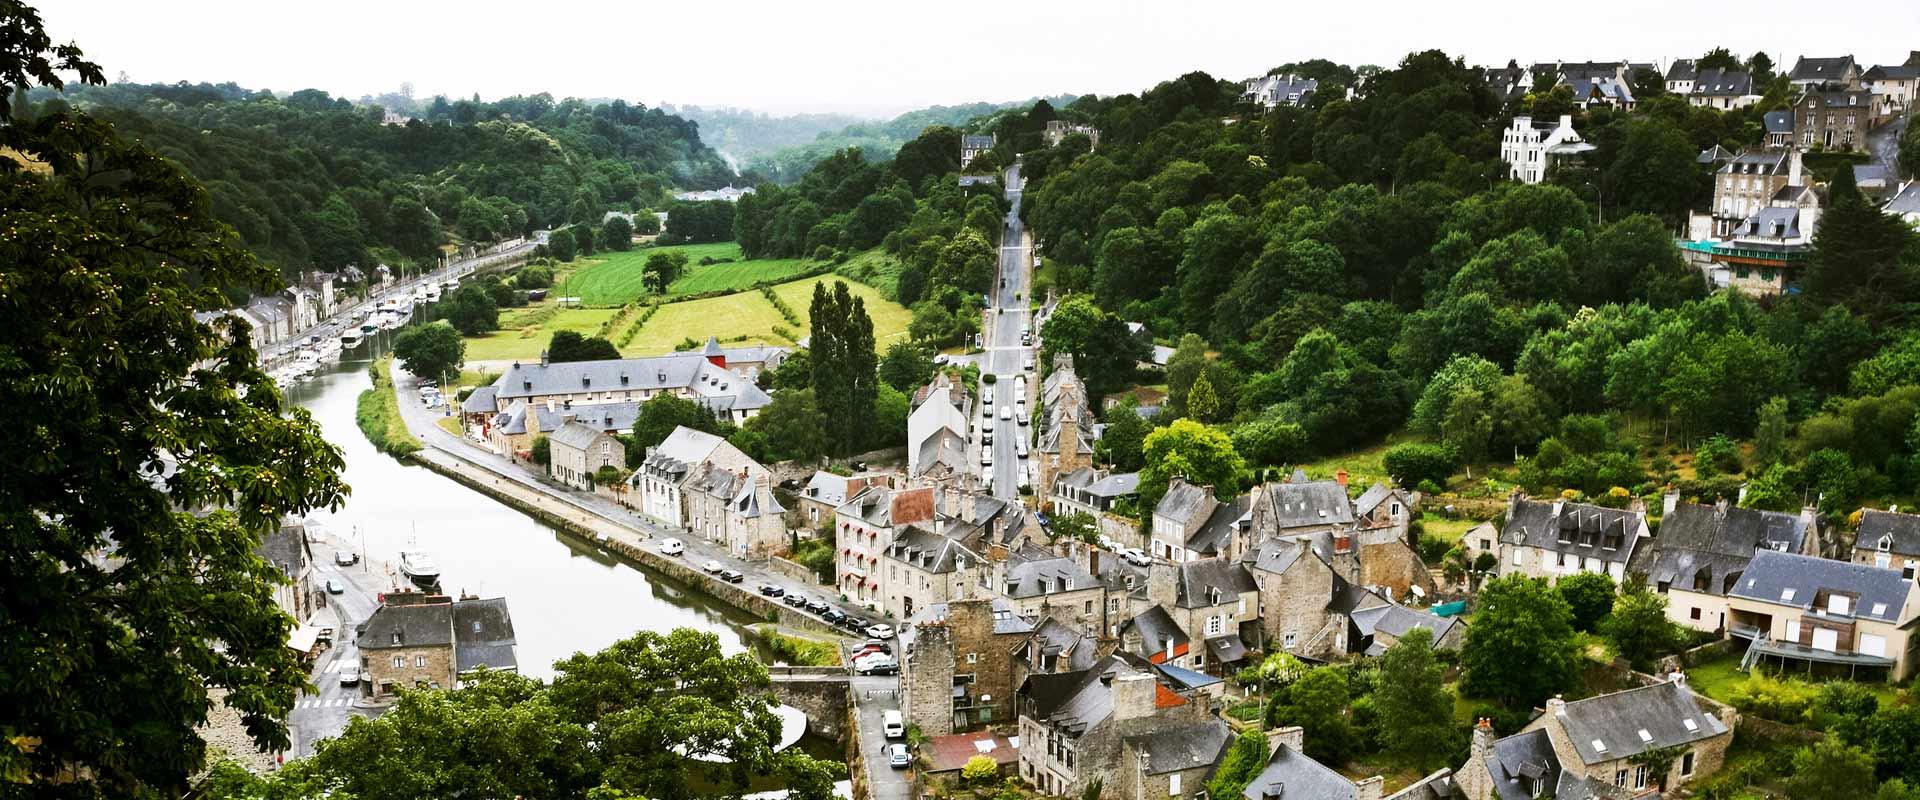 hotel de charme vers Dinan en Bretagne